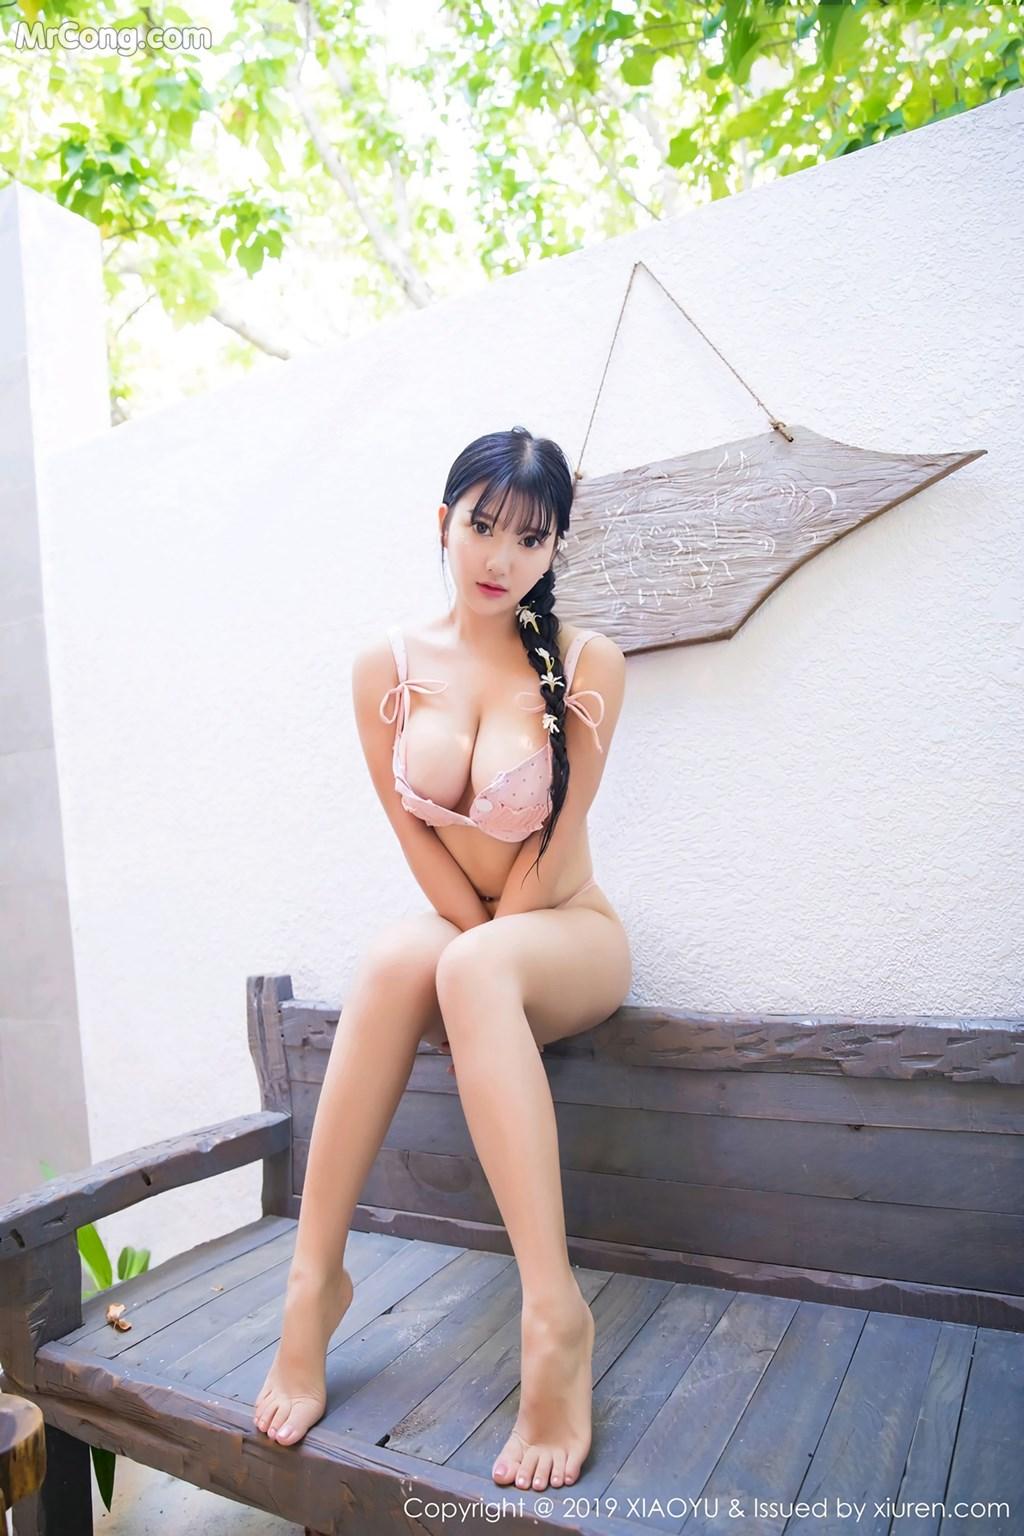 Image XiaoYu-Vol.029-Xiao-You-Nai-MrCong.com-044 in post XiaoYu Vol.029: Người mẫu Xiao You Nai (小尤奈) (53 ảnh)